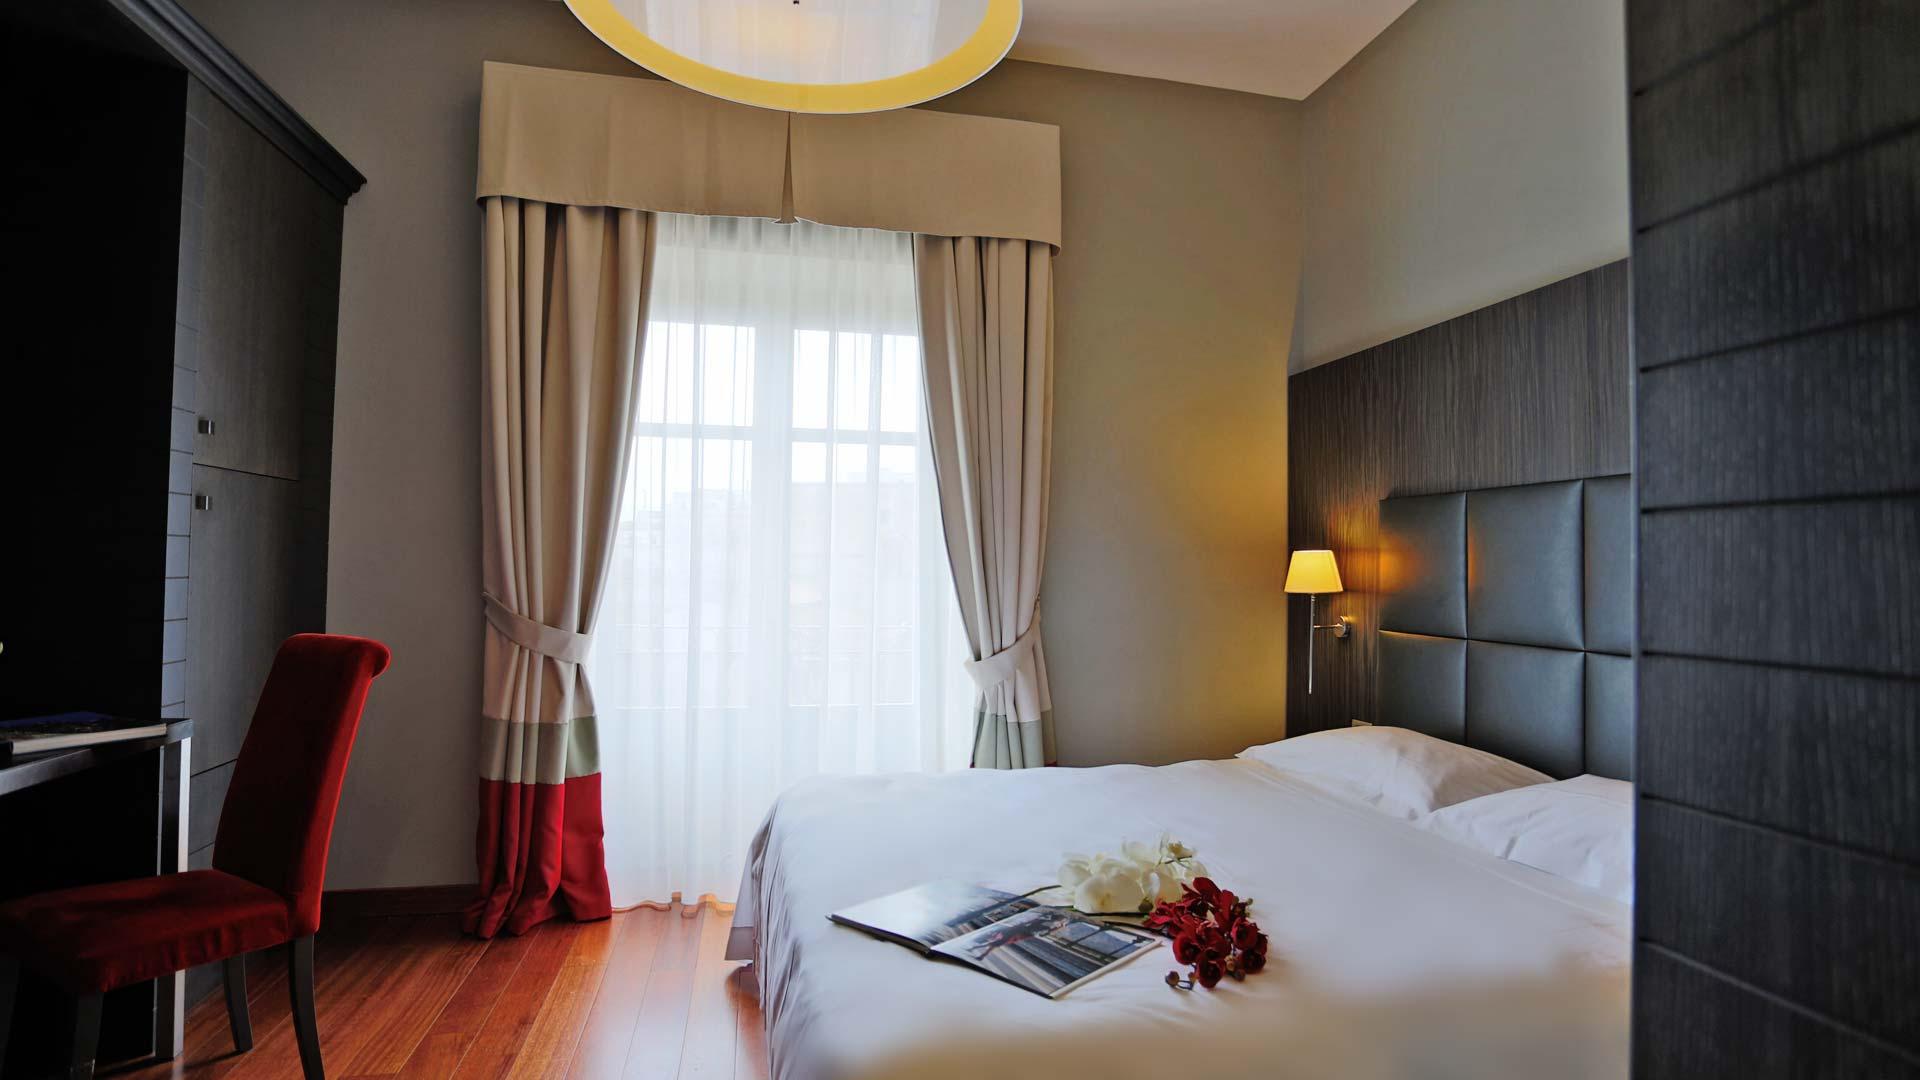 Camere hotel porta felice hotel 4 stelle palermo centro for Design hotel palermo